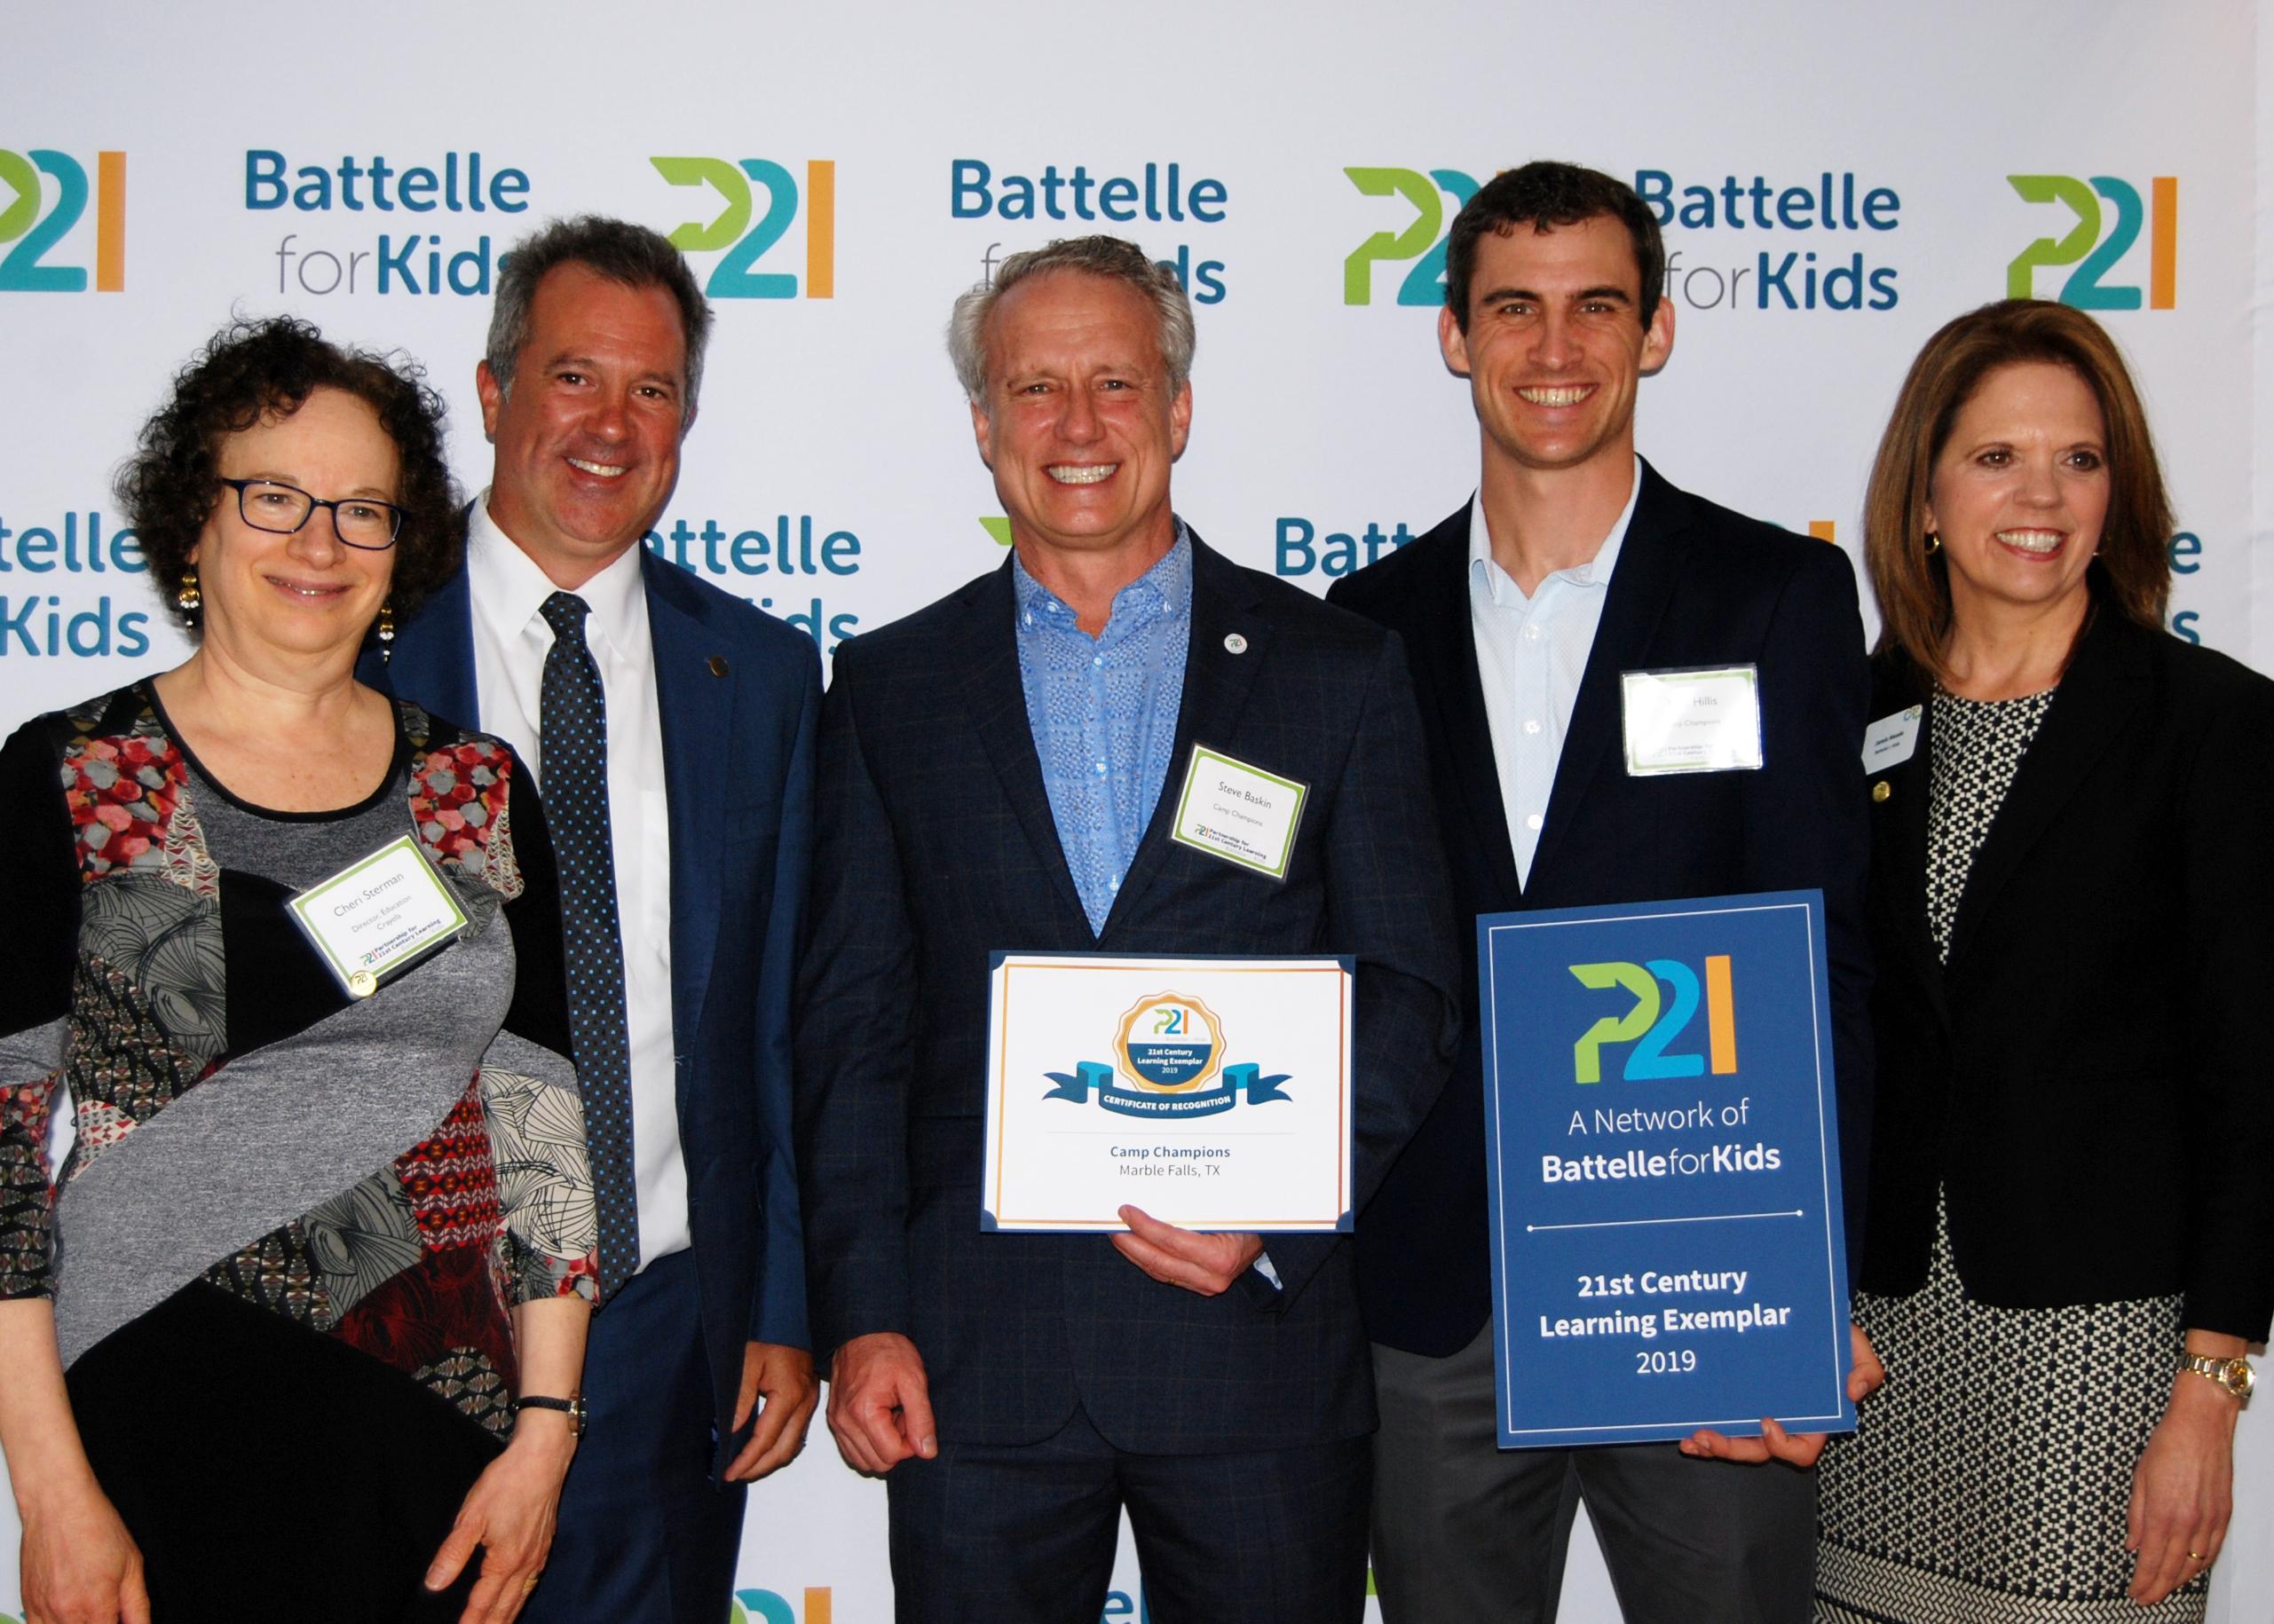 Batelle For Kids Exemplar